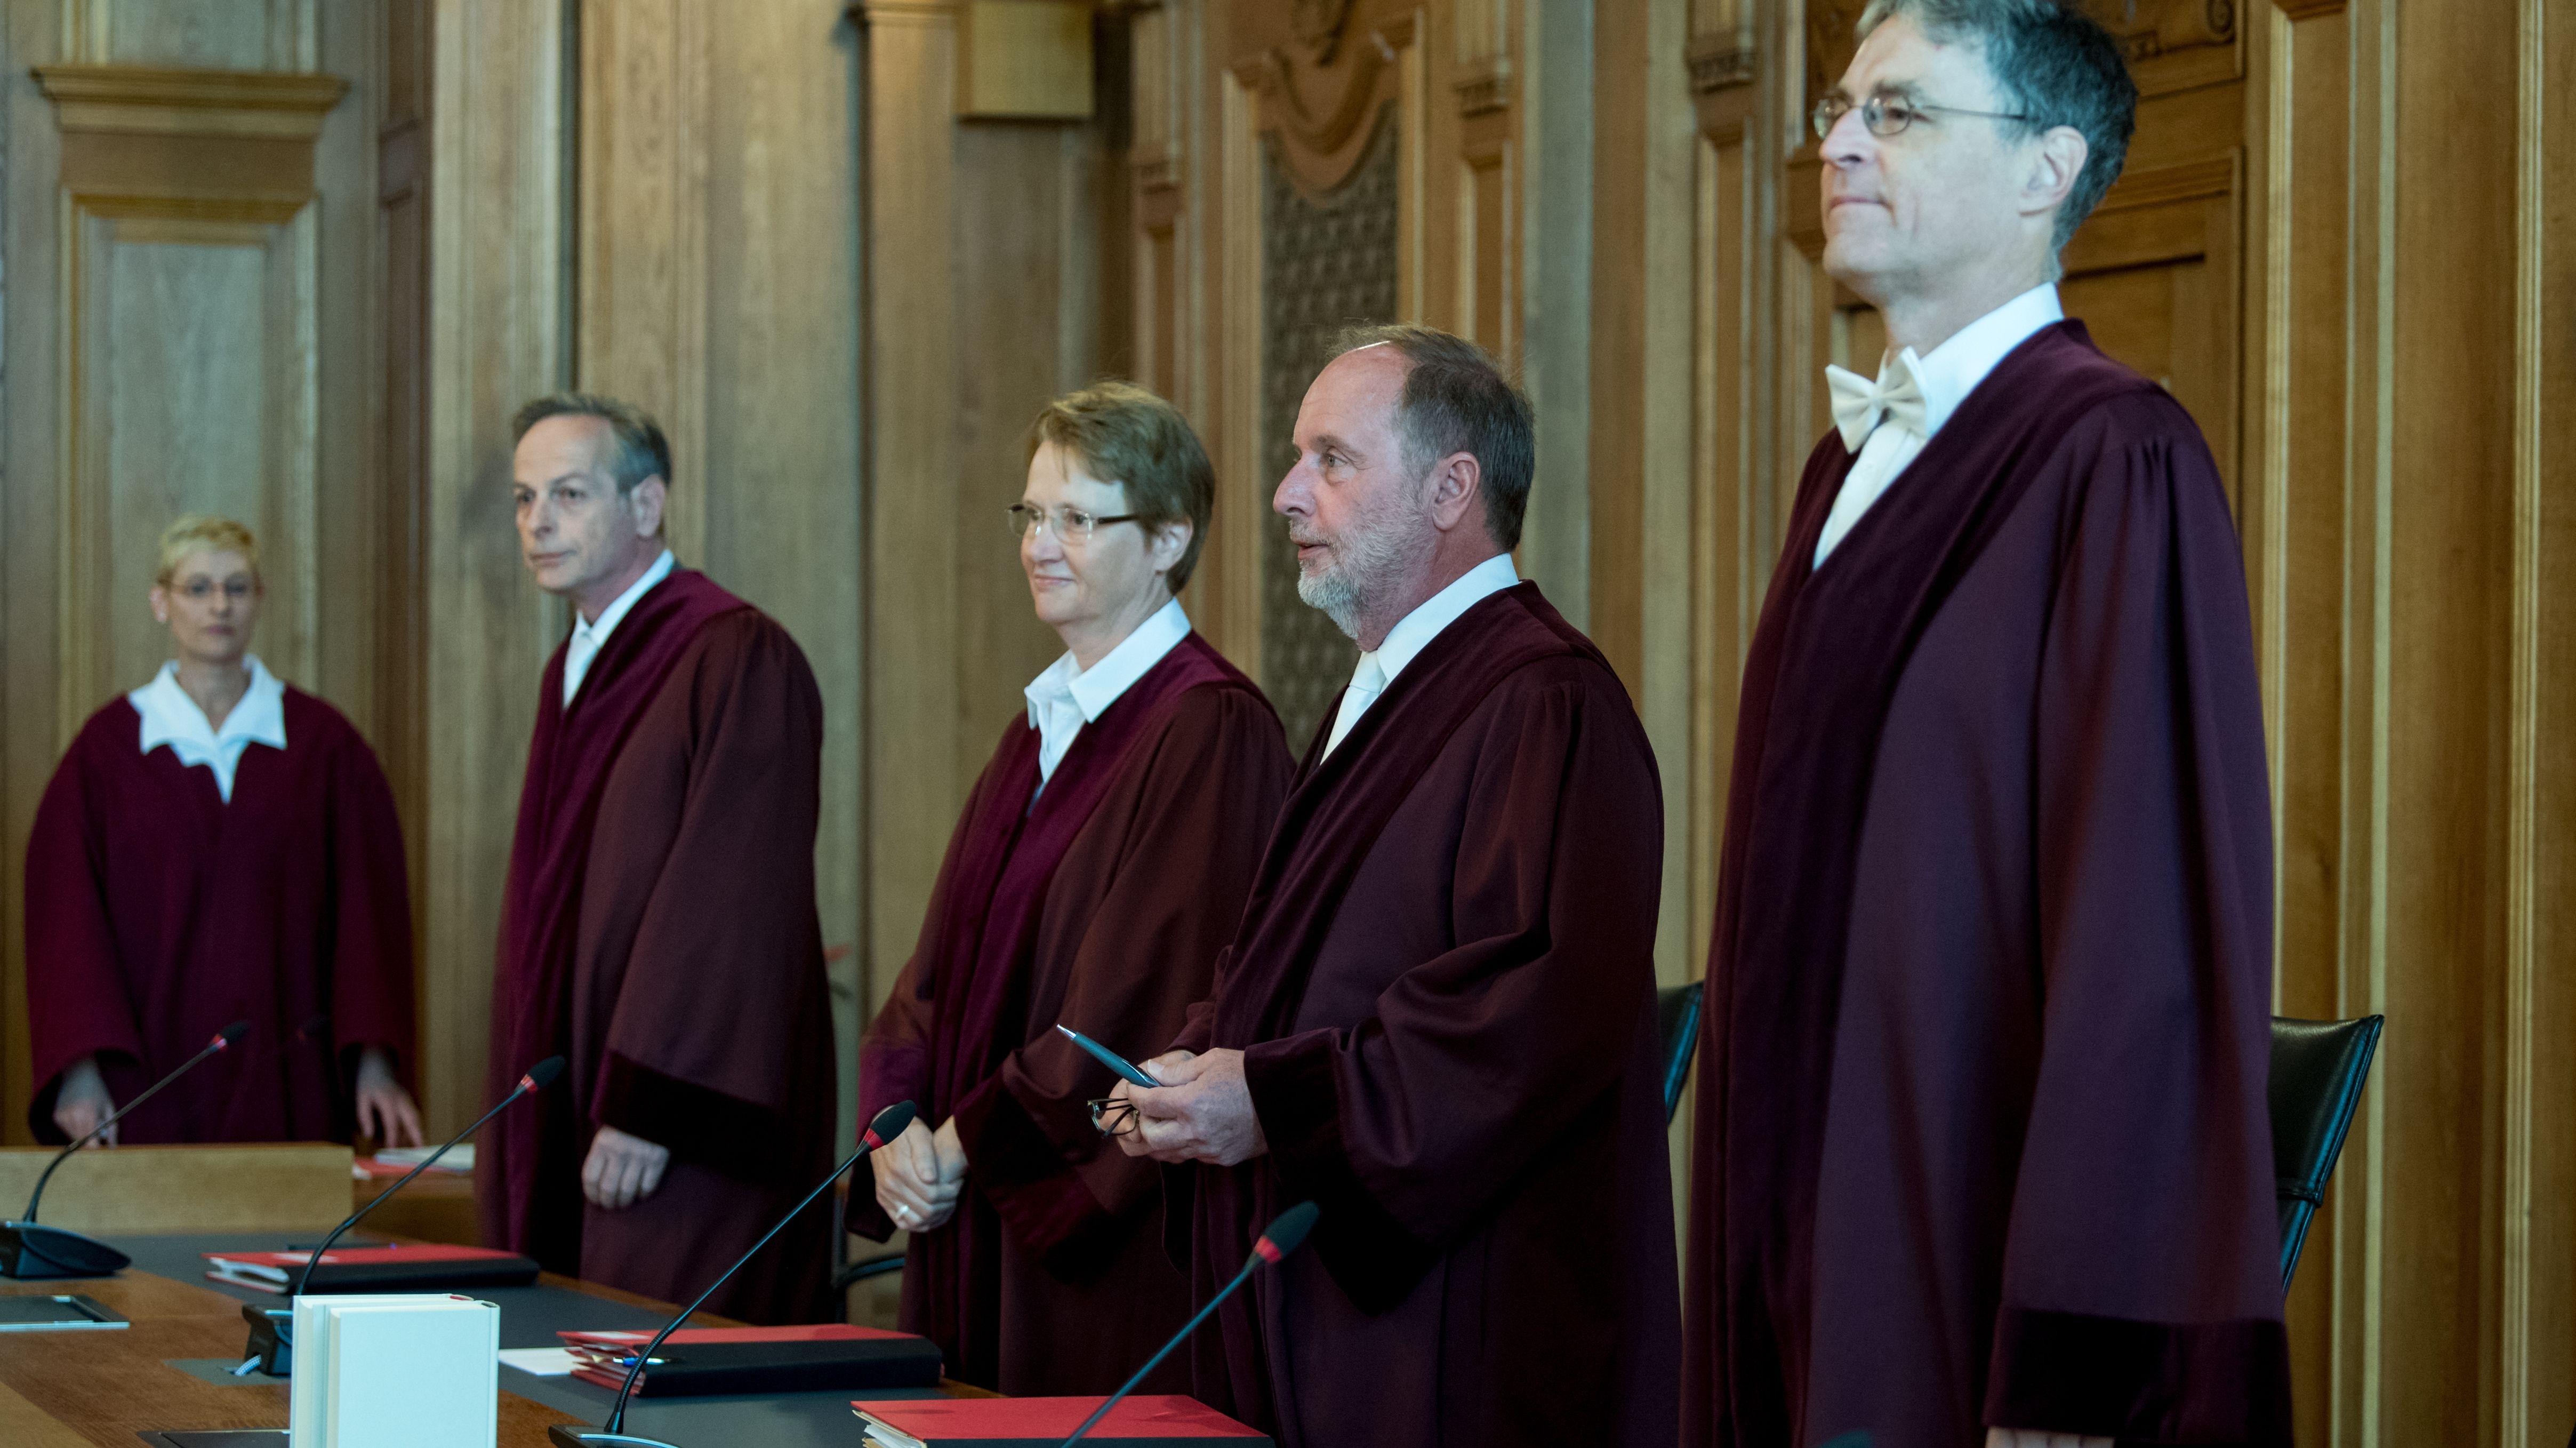 Der 5. Strafsenat des Bundesgerichtshofs unter Vorsitz von Norbert Mutzbauer